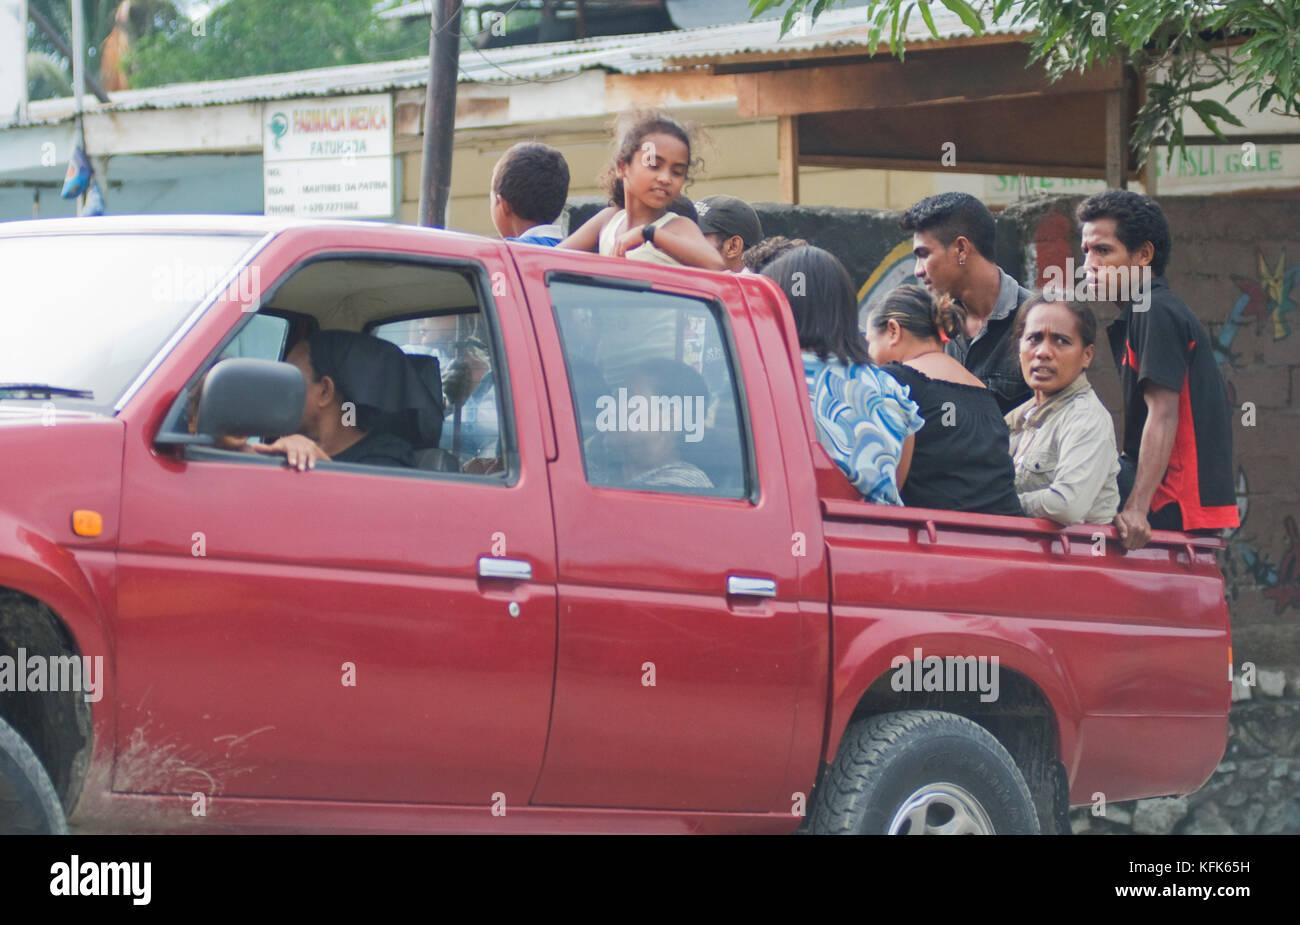 Camion chargé avec passagers, Dili, Timor-Leste (Timor oriental) Banque D'Images